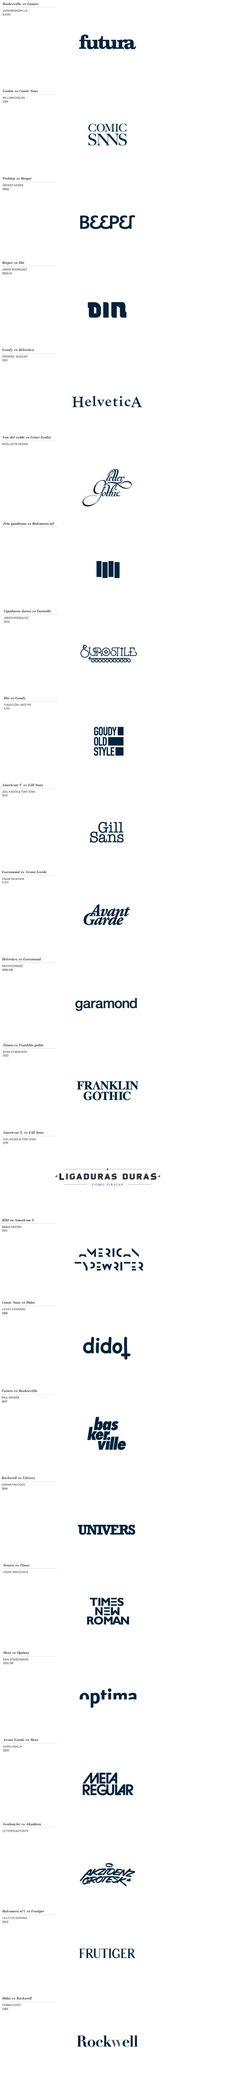 Typography vs Logotypes http://www.fubiz.net/2013/09/10/typography-vs-logotypes/